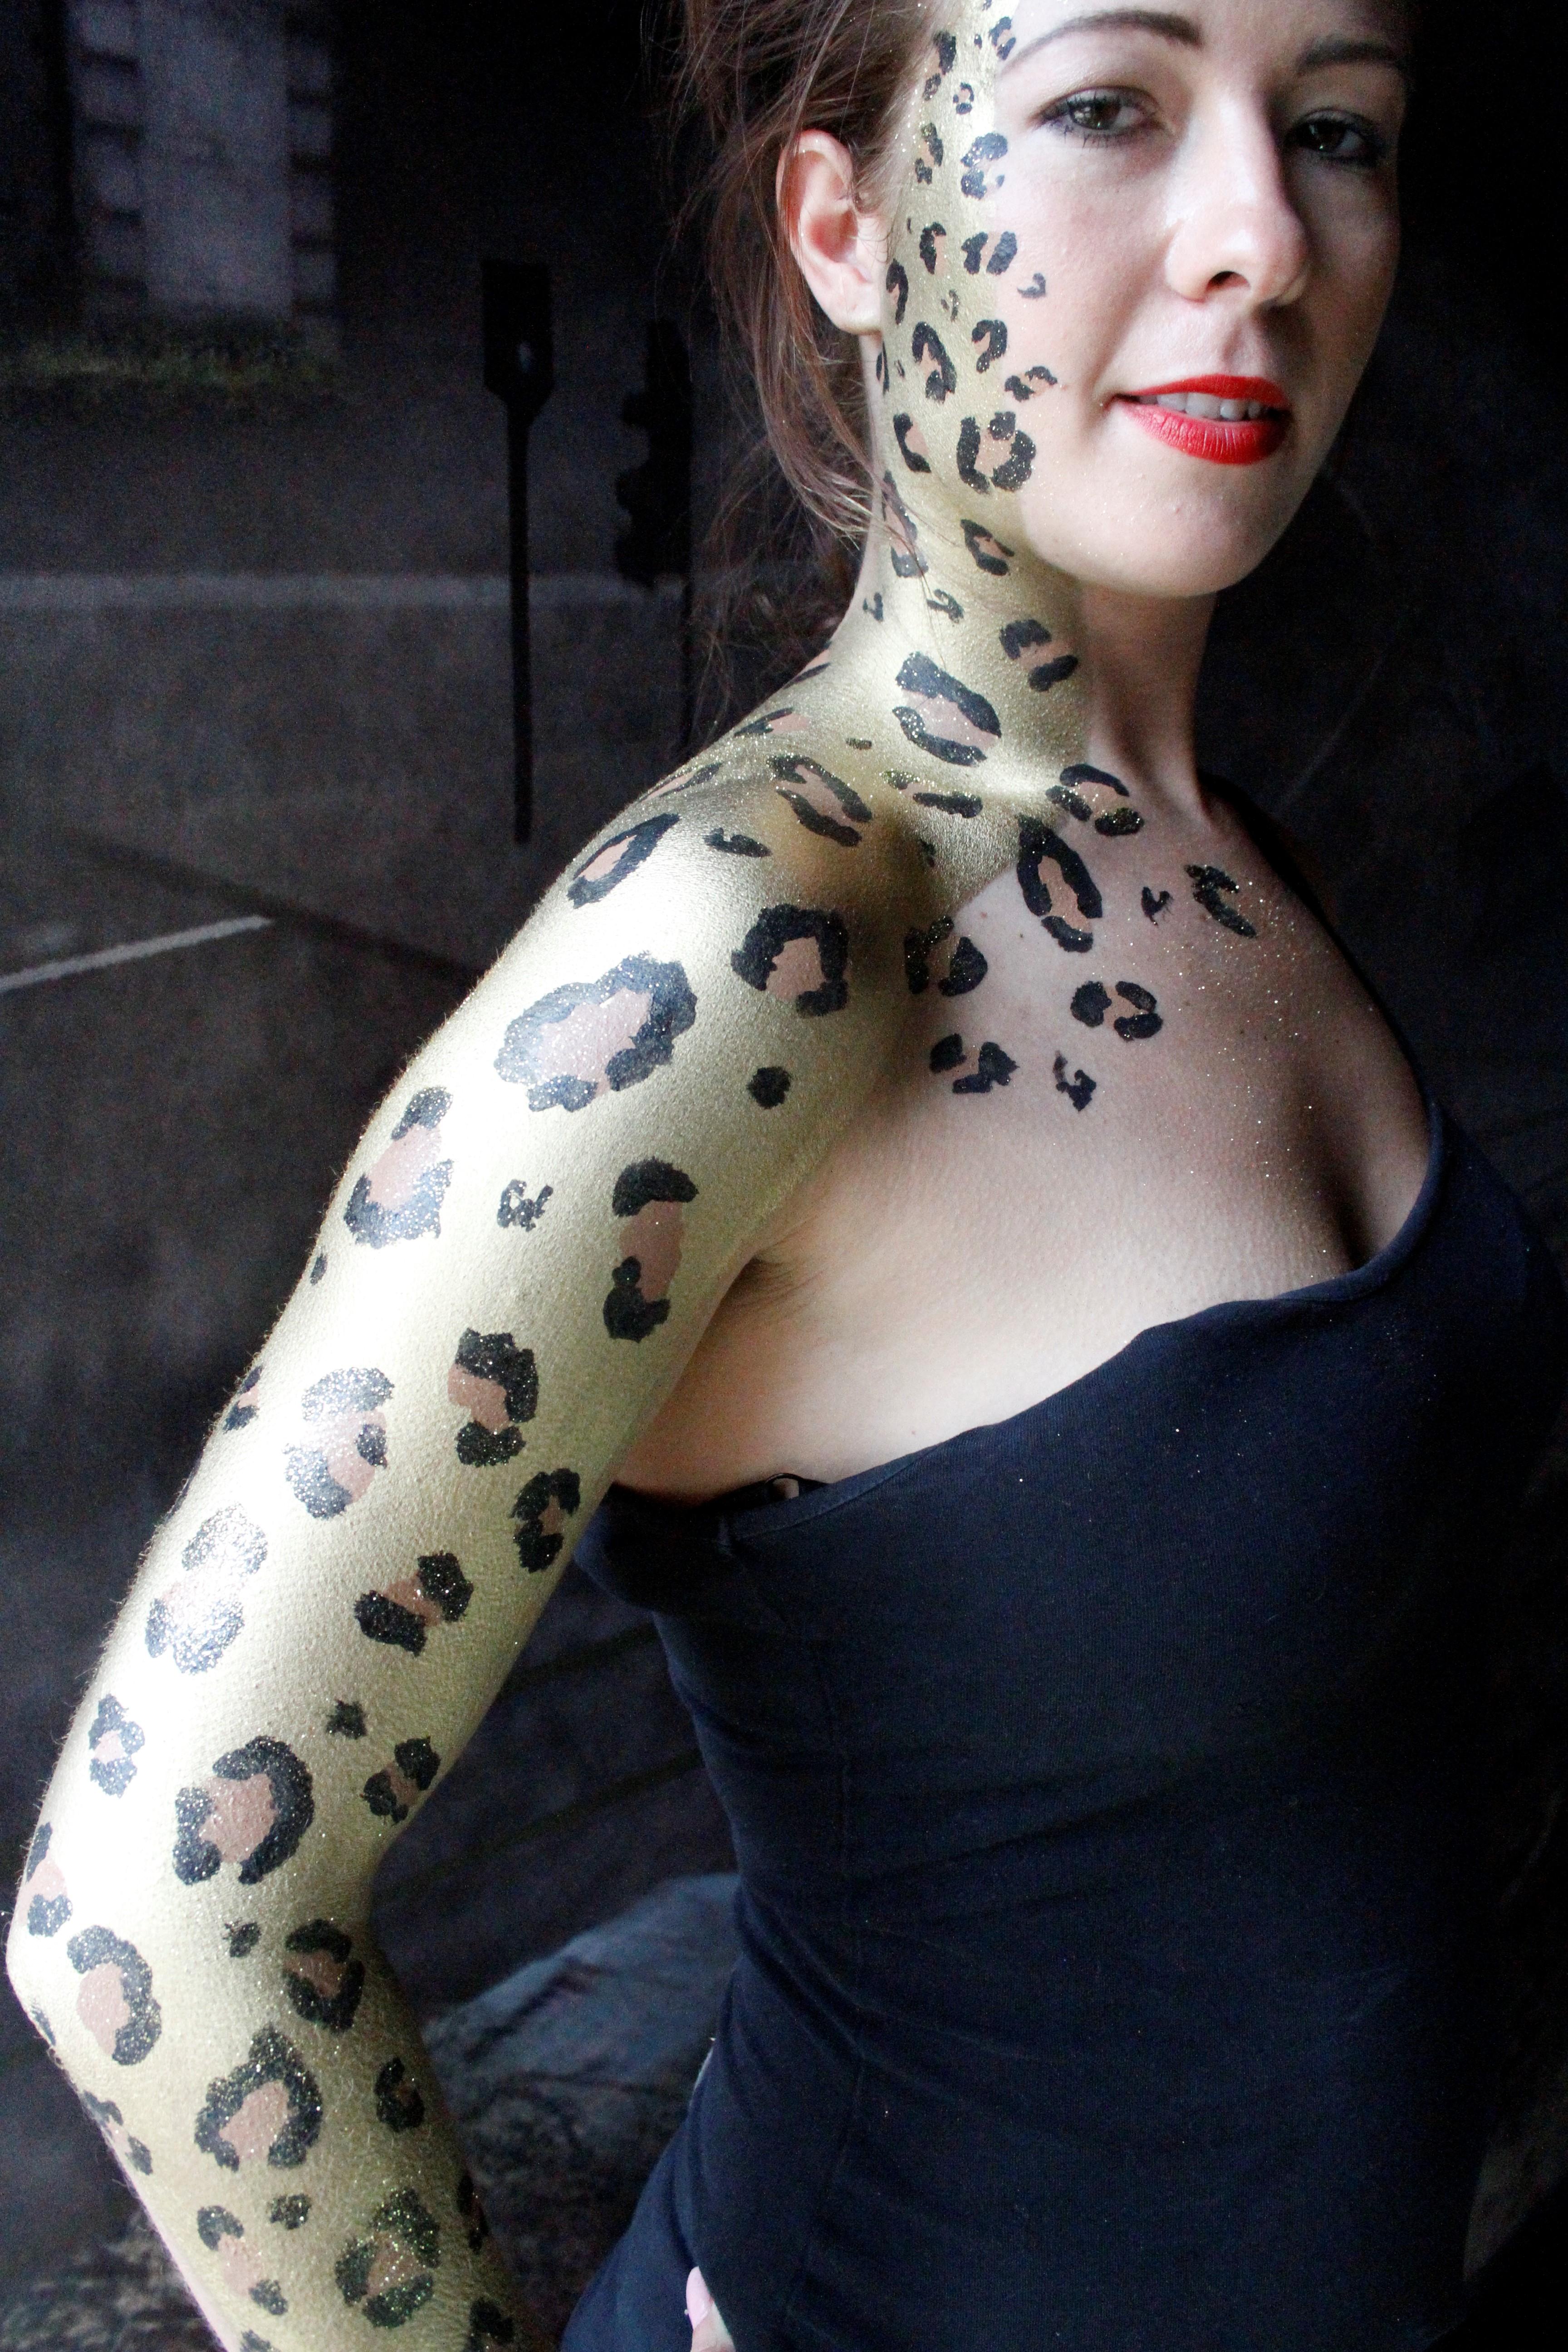 Vanity van body art leopard